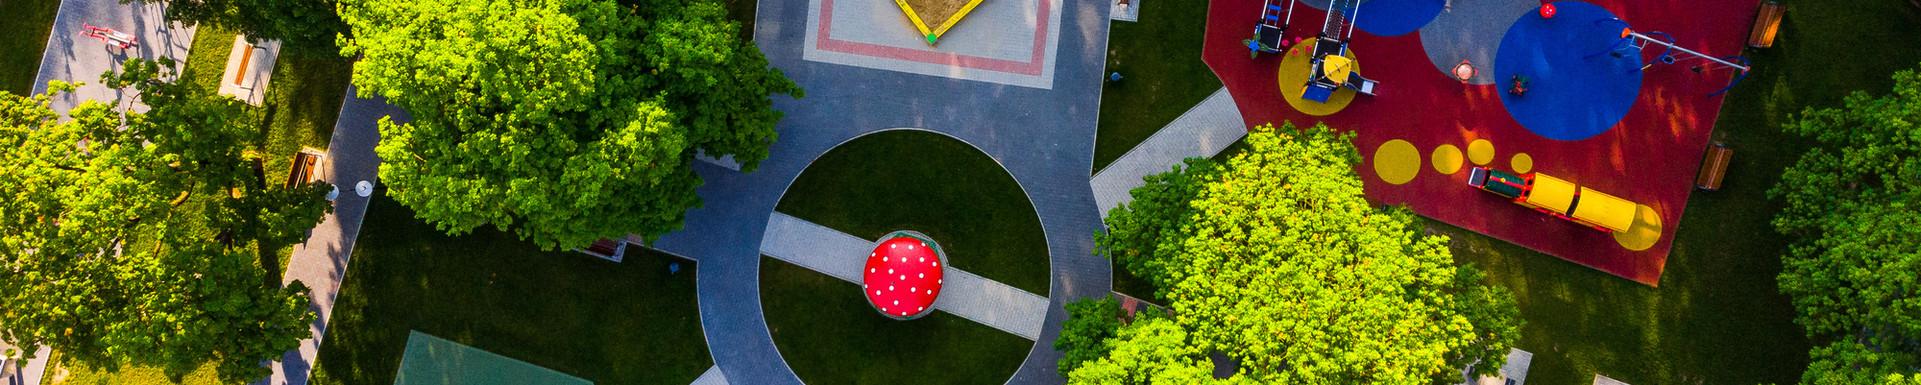 Rowan's Dream Park